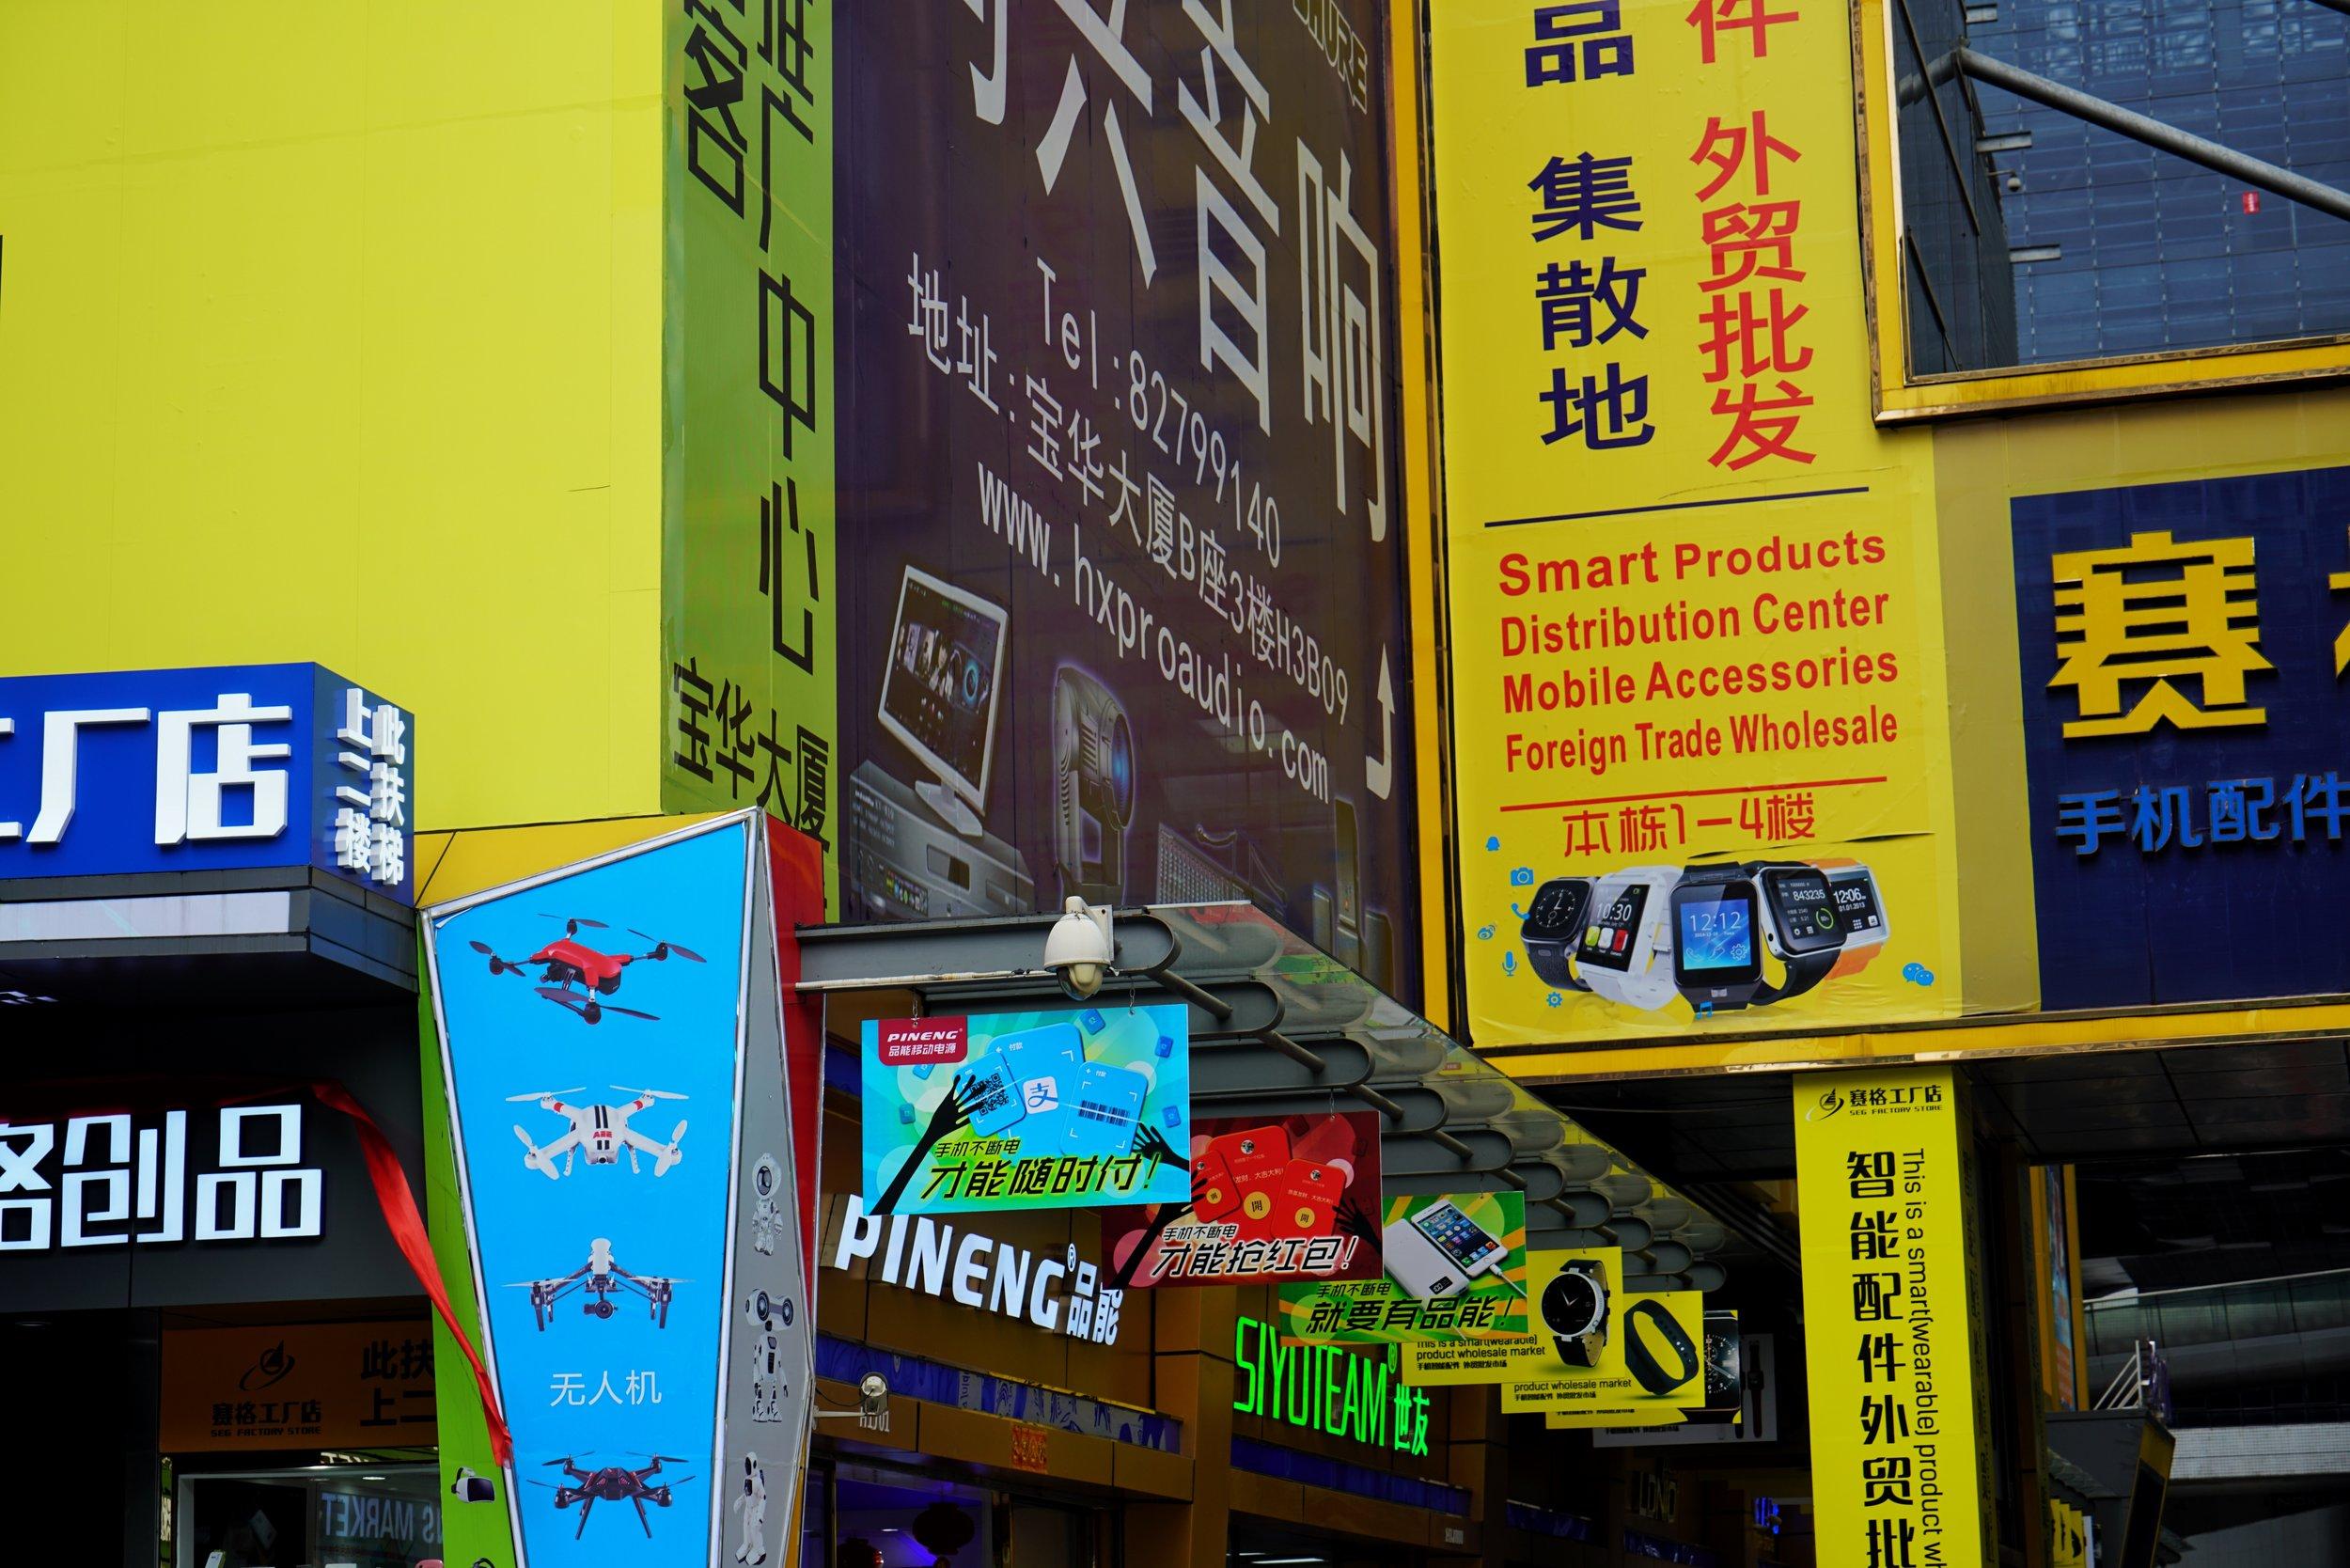 4-Shenzhen-exteriorsignage.jpg